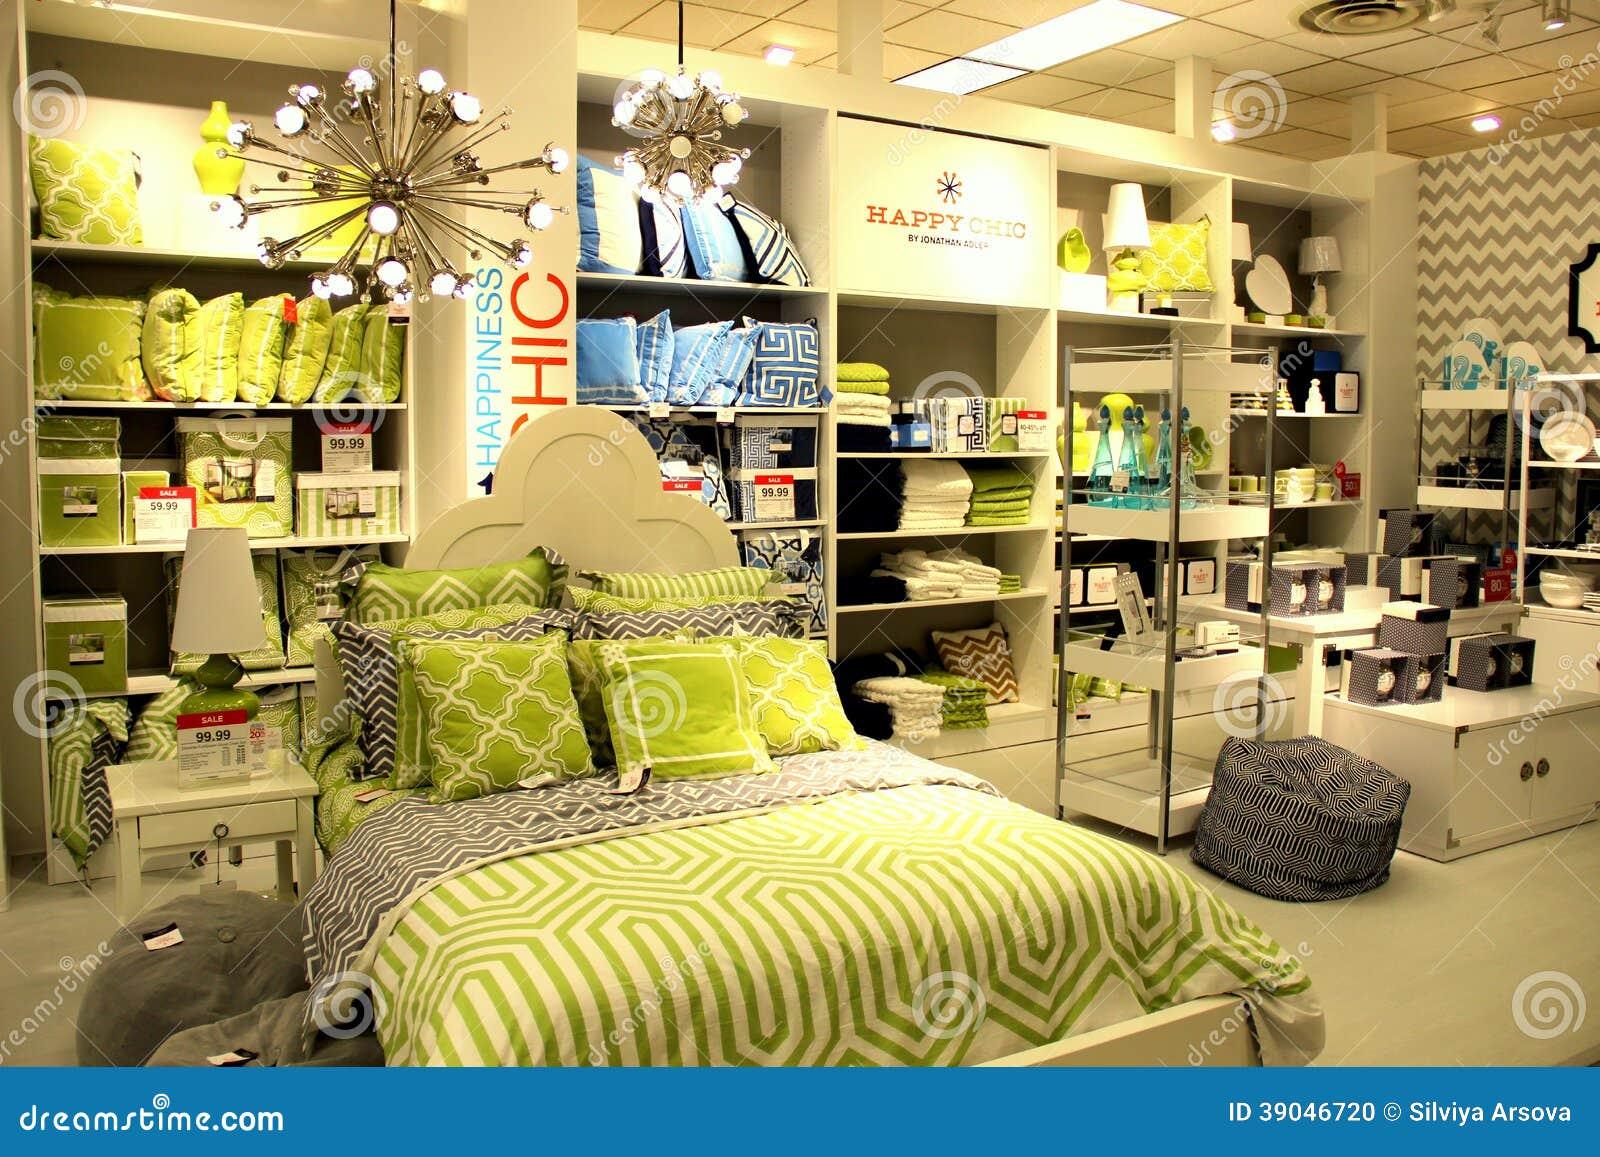 D coration int rieure la maison image ditorial image 39046720 - Decoration interieure maison ...